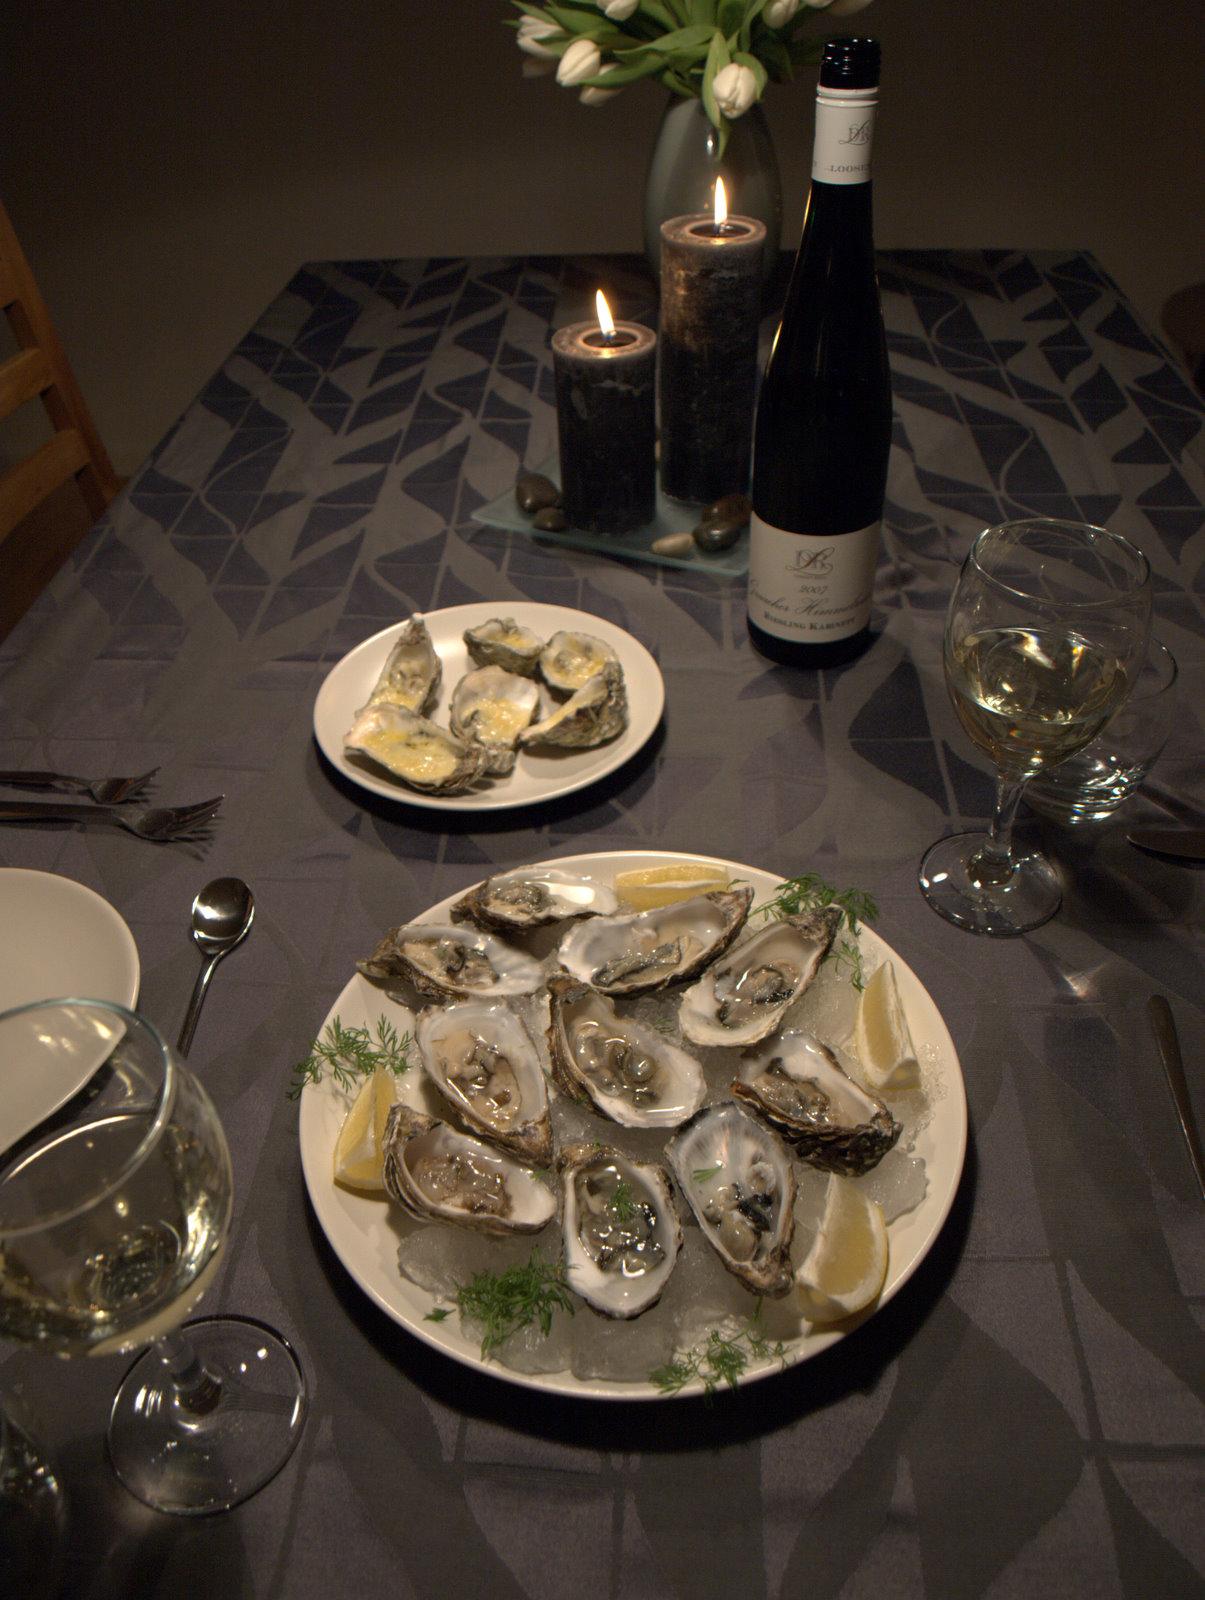 Østers au naturel, østers med citron, østers med rødløg og hvidvinseddike samt gratinerede østers.